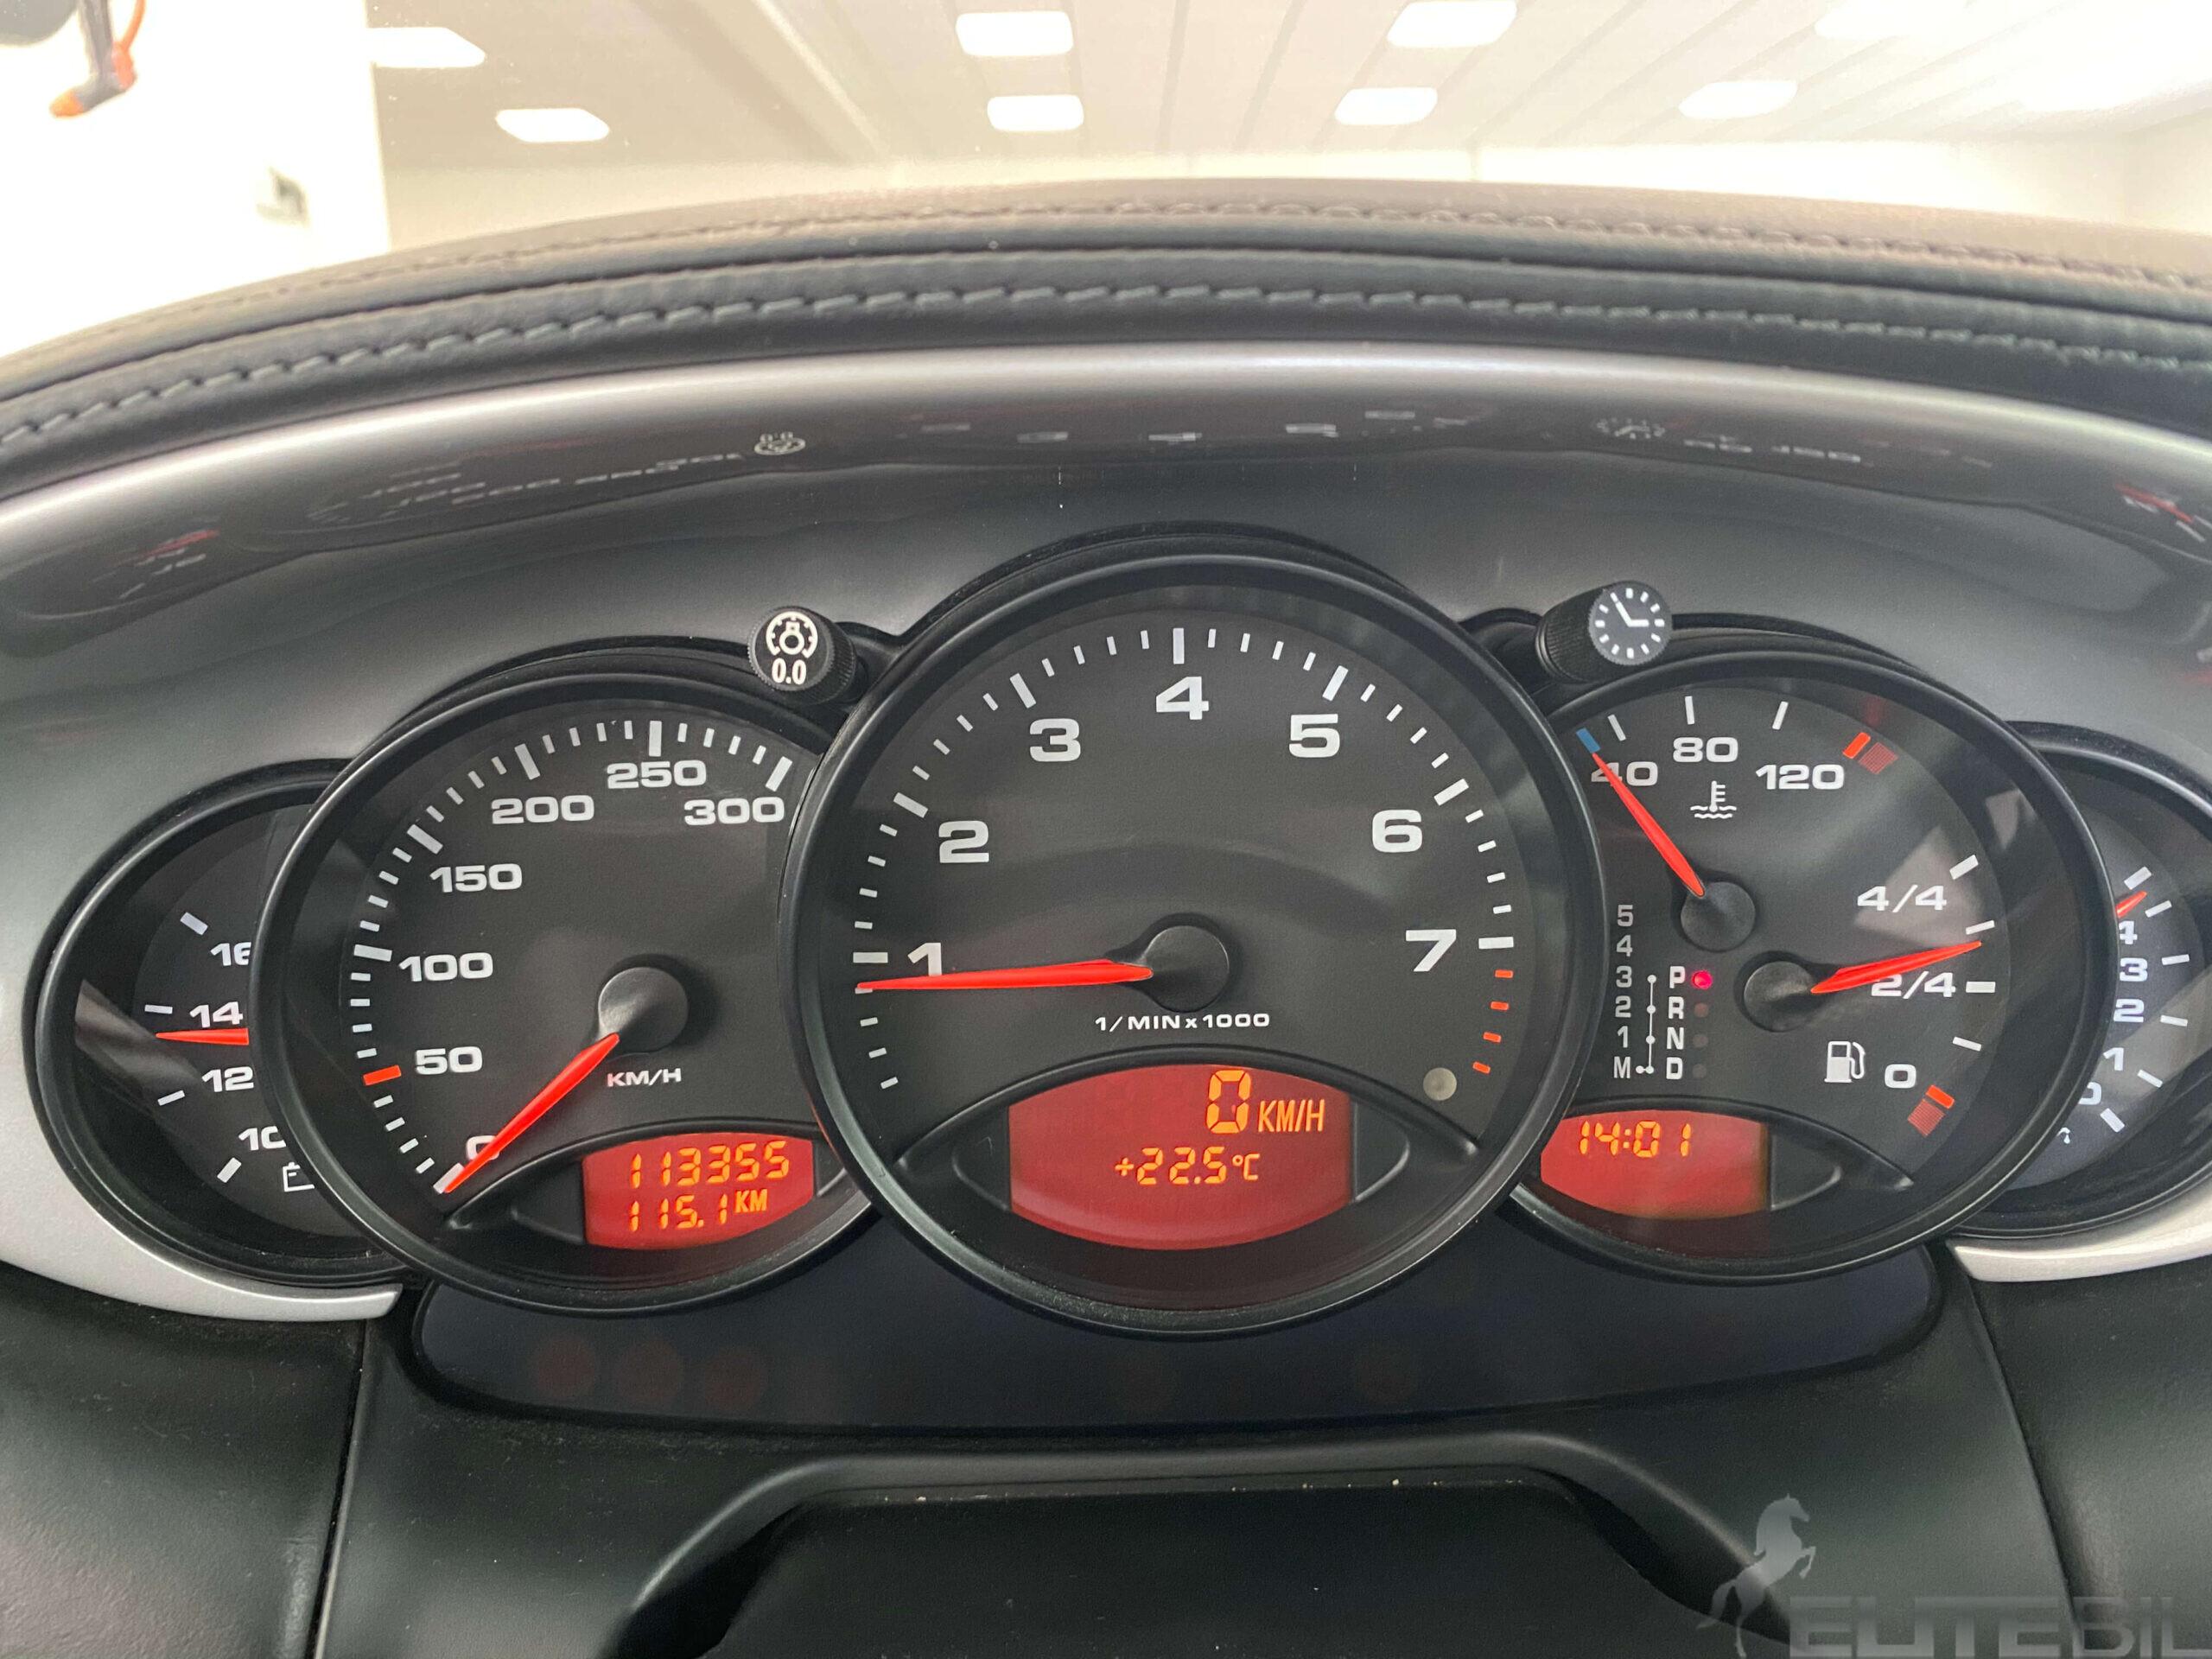 Porsche 911 996 Carrera 301hk Sv.Såld (15)